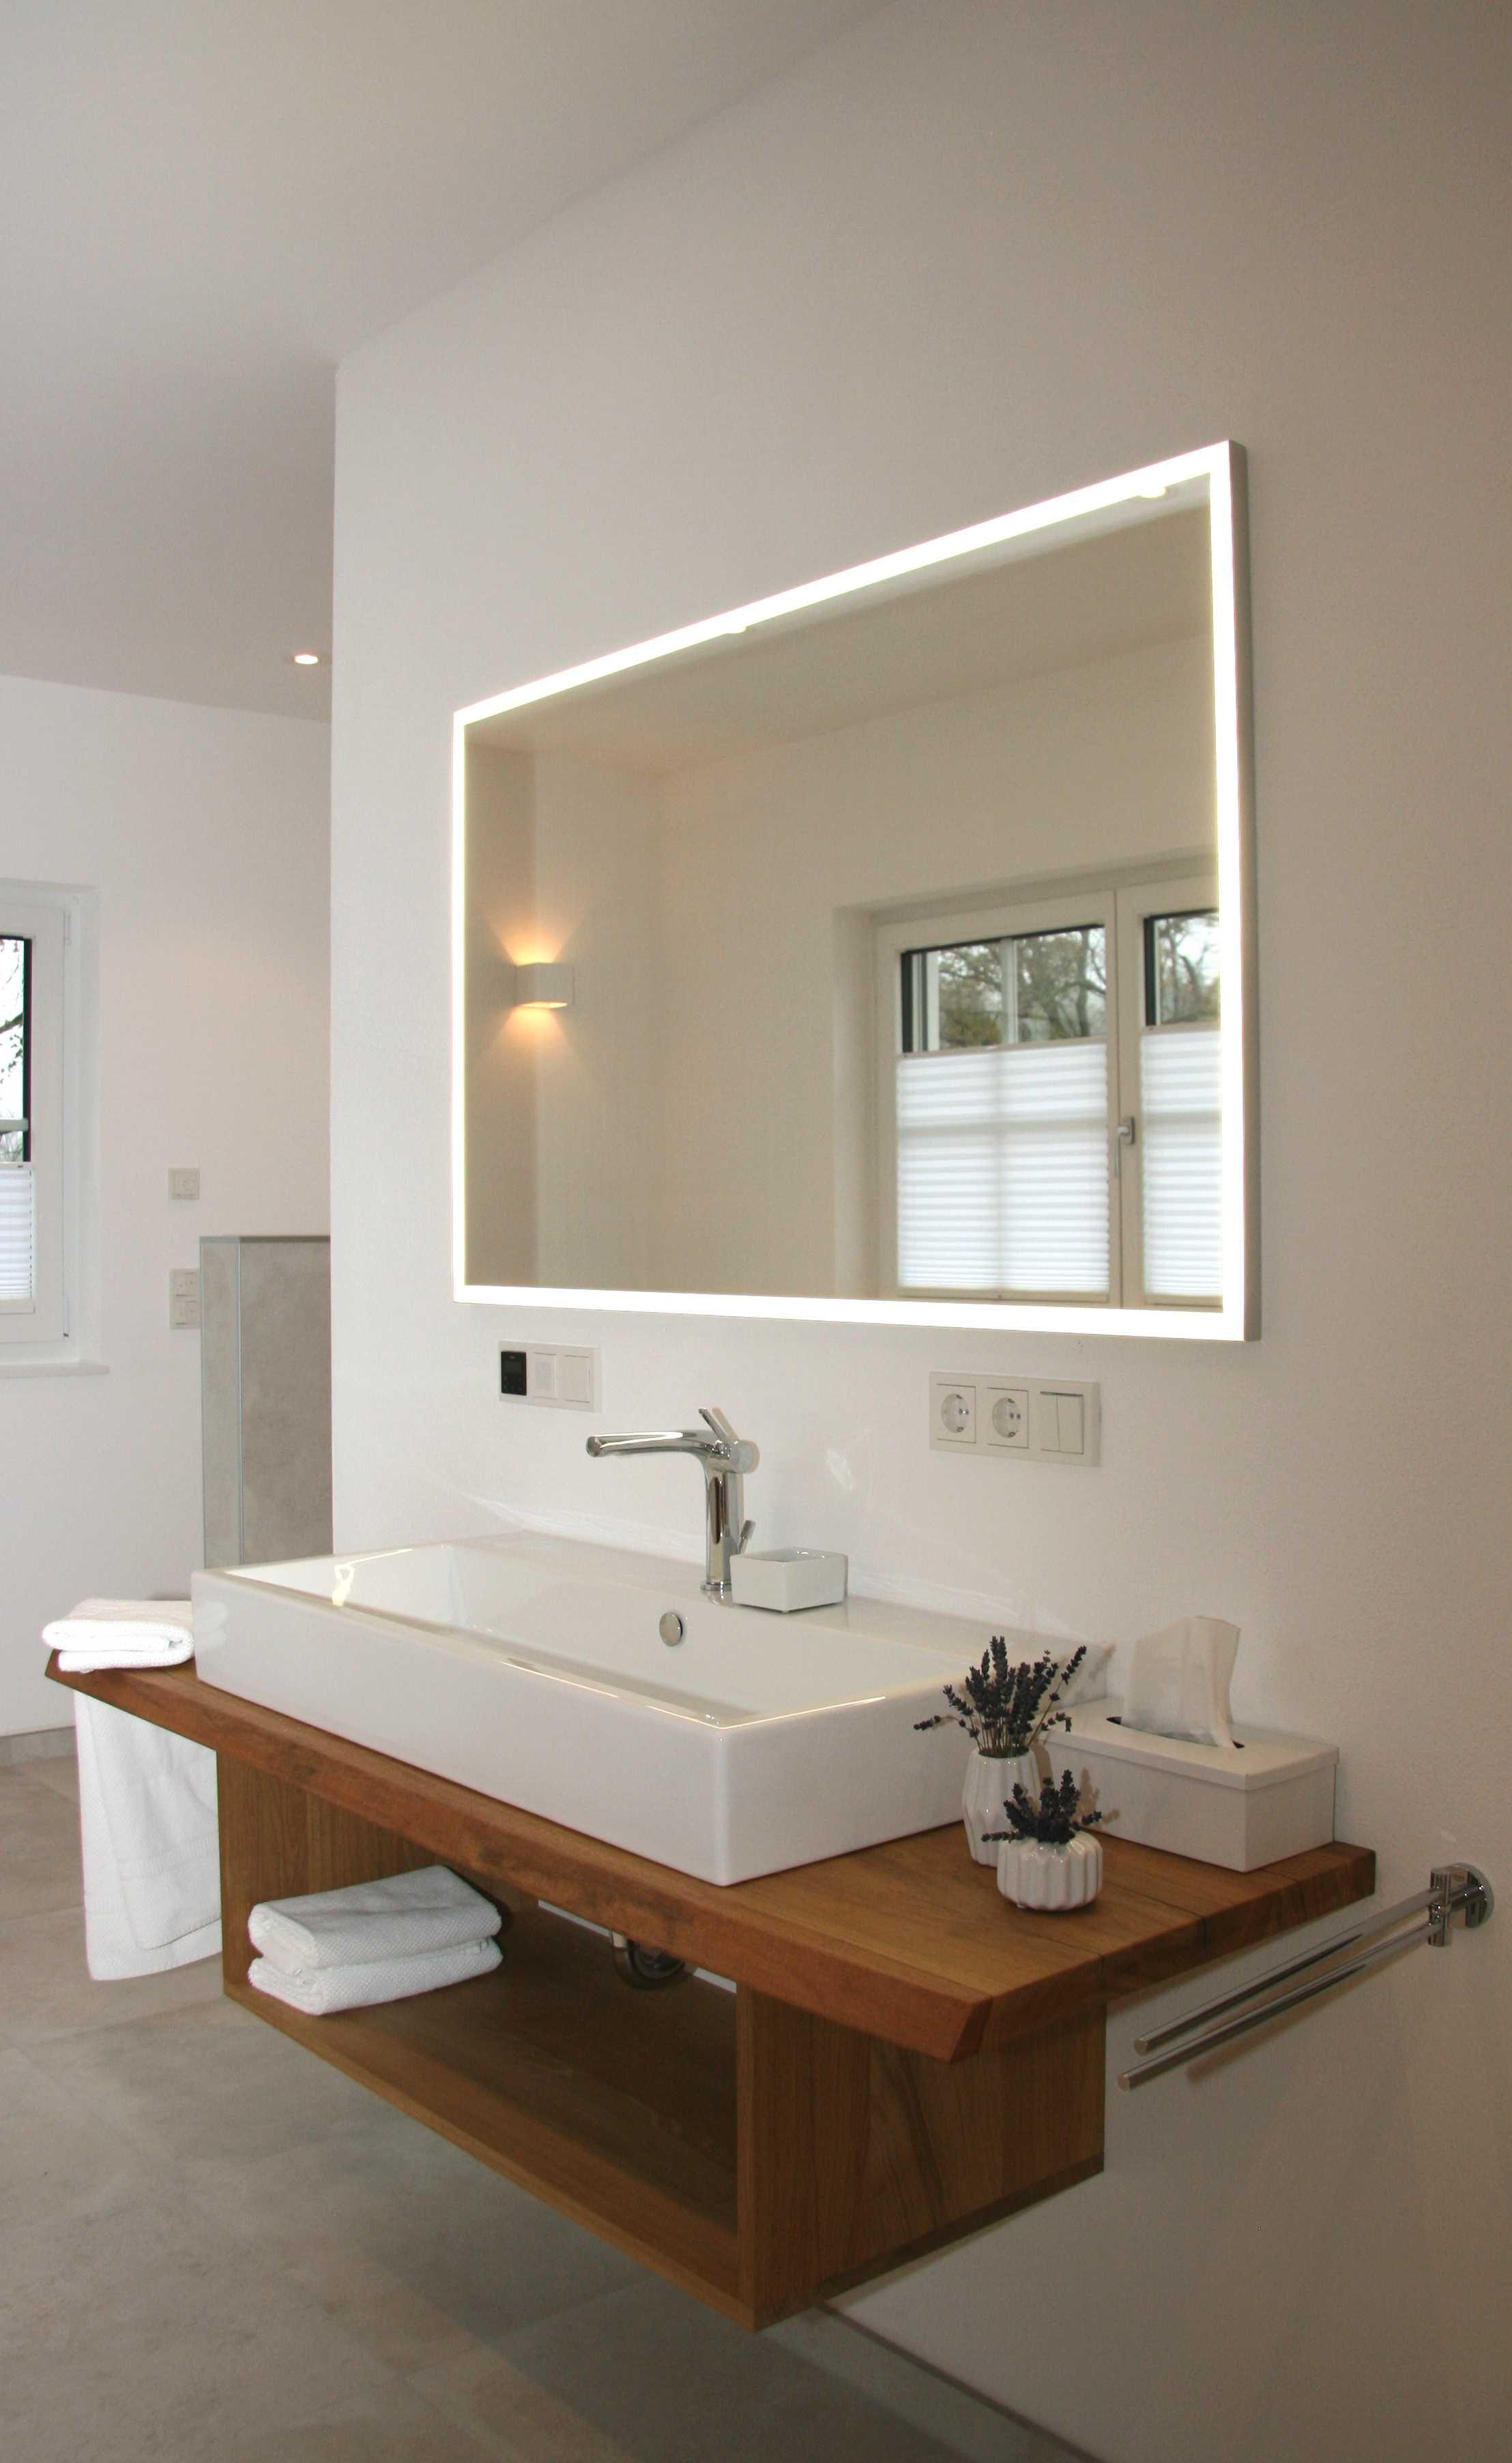 Moderne Badezimmer Einrichtung Badezimmer Beleuchteter Spiegel Badezimmer Einrichtung